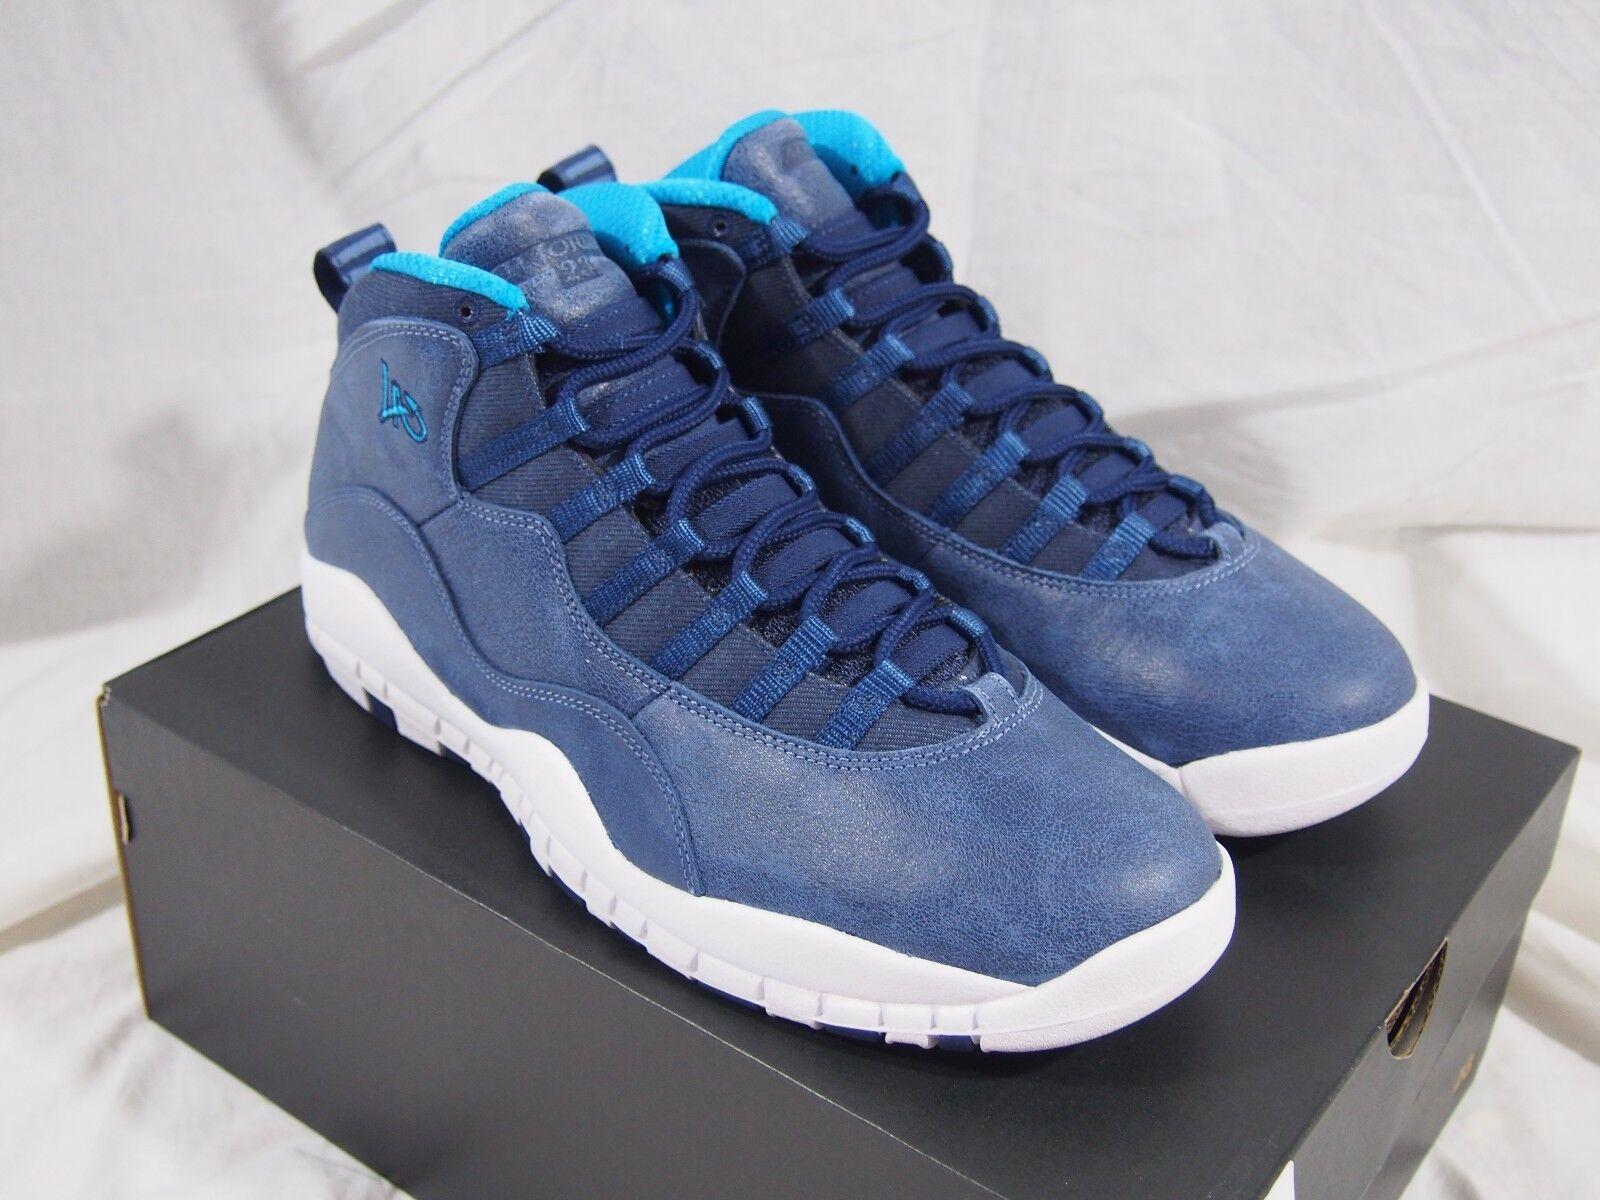 Nike Air Jordan 10 Los Angeles City Pack Ocean Fog